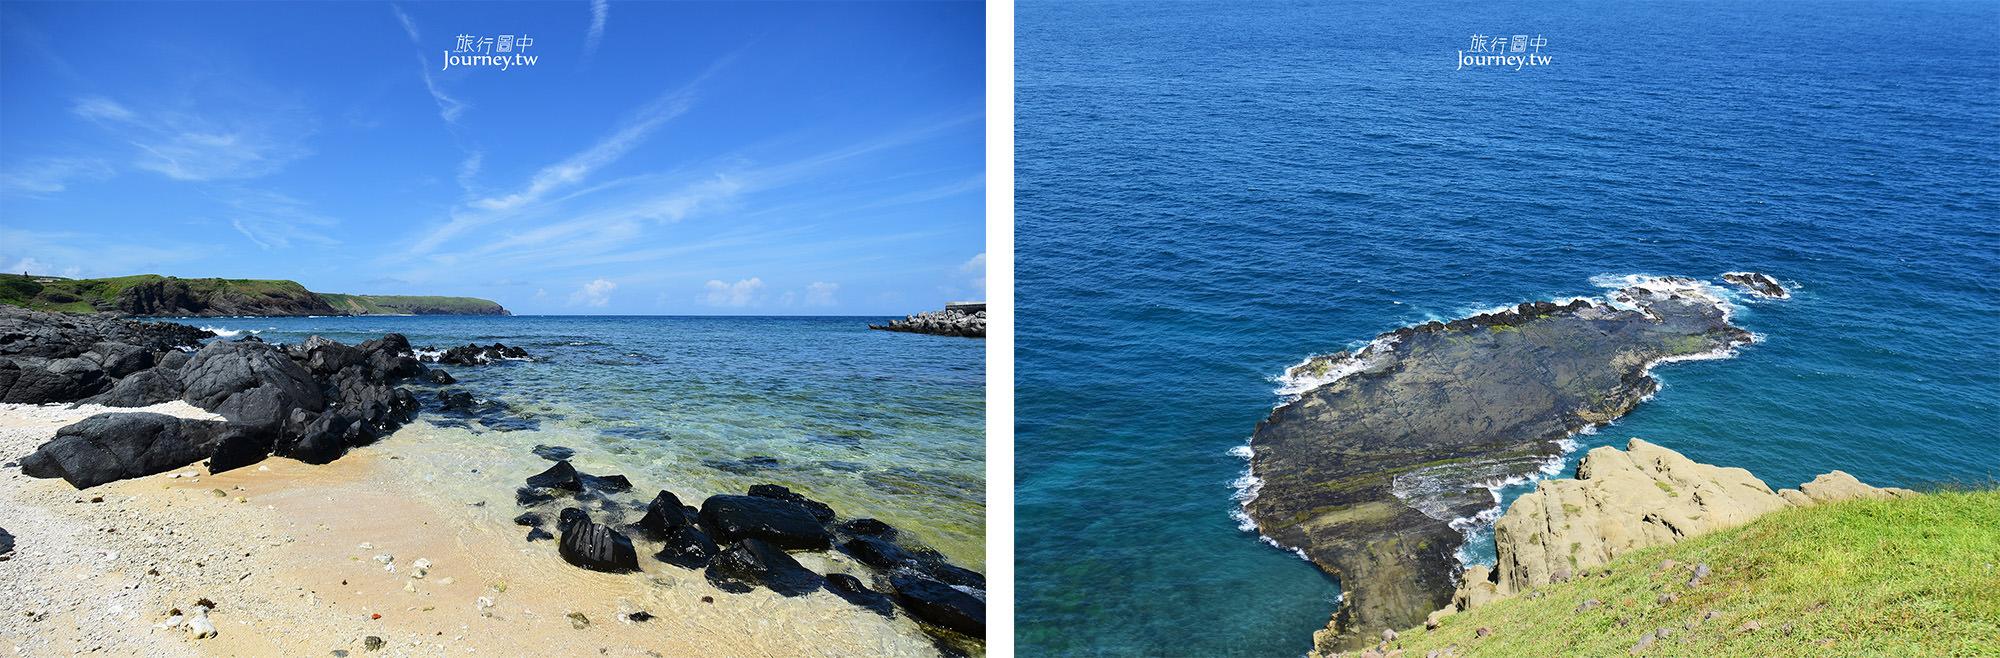 澎湖,花火節,景點推薦,美食,住宿推薦,交通攻略